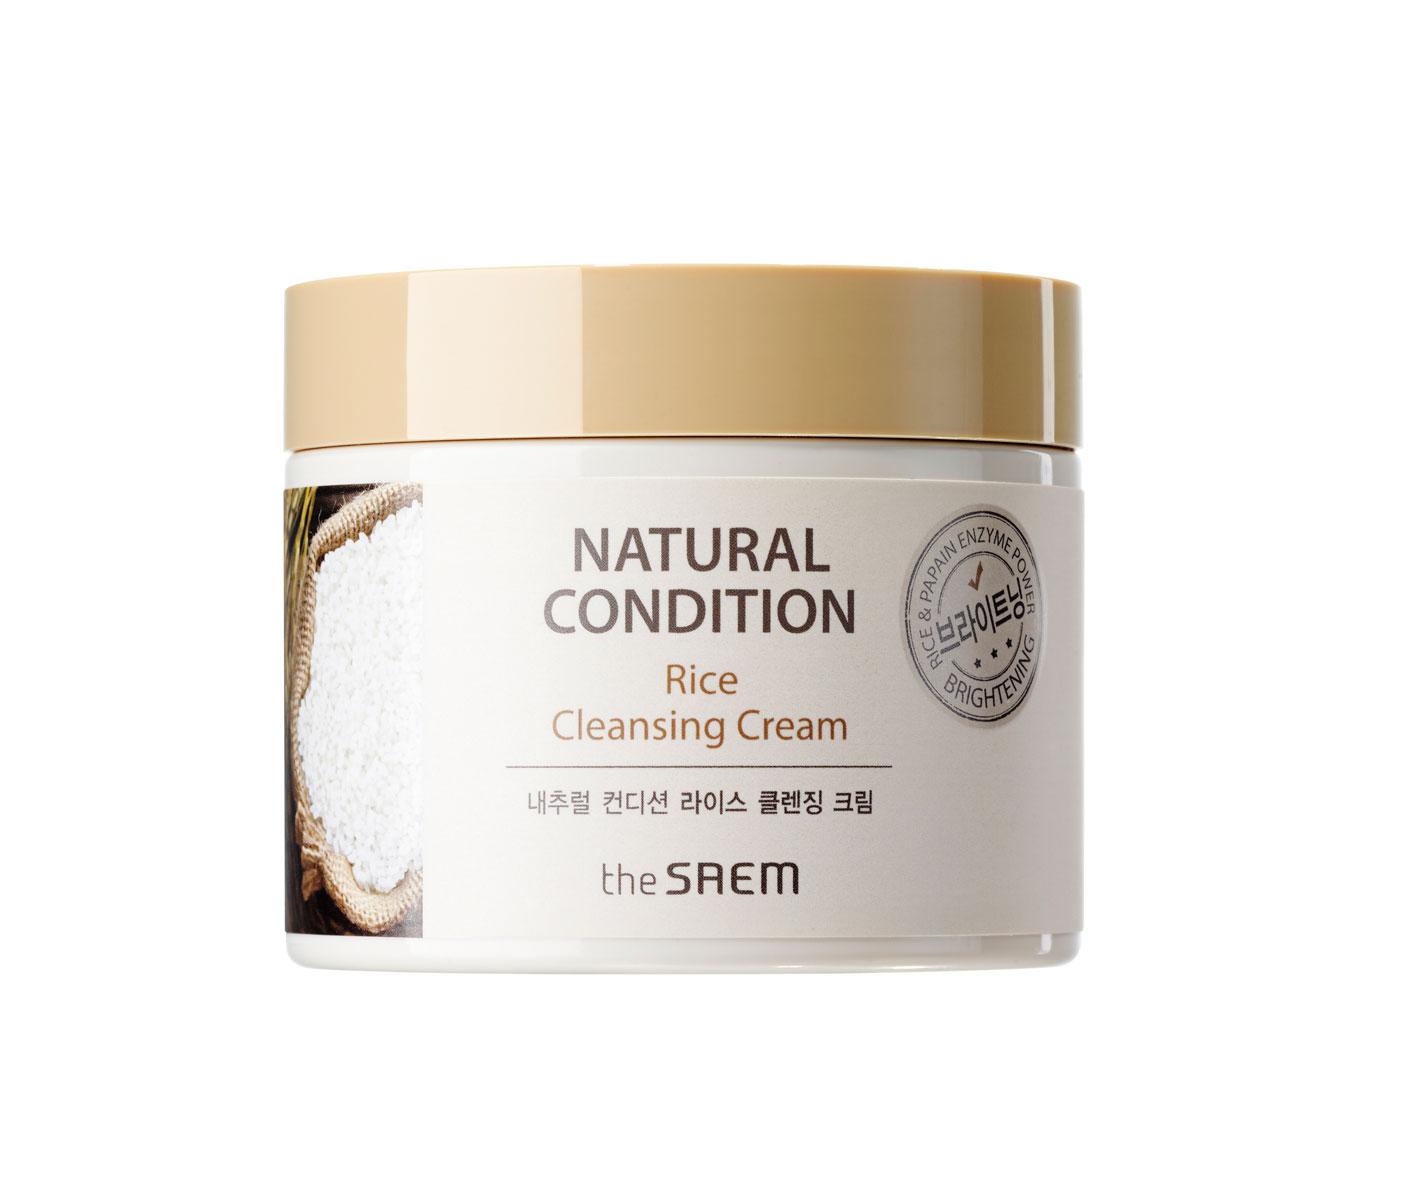 The Saem Крем очищающий рисовый Natural Condition Rice Cleansing Cream, 300 млСМ7330Очищающее средство, создано для качественного удаления стойкого макияжа, а также восстанавливает кожу, насыщает её необходимым количеством влаги, активно питает, кожа вновь становится мягкой и гладкой, эластичной, шелковистой. Главный компонент данного крема – Rice (рис) – осветляет кожу, питает её, поддерживает жизненные силы, абсорбирует кожный жир, устраняет жирный блеск.Быстро и легко проникает в клетки кожи, благодаря текучей, тающей текстуре, удаляет загрязнения, очищает поры. В составе средства отсутствуют парабены, тальк, смолы, сульфаты, бензофенон, триэтаноламин, пропиленгликоль.Объем: 300мл